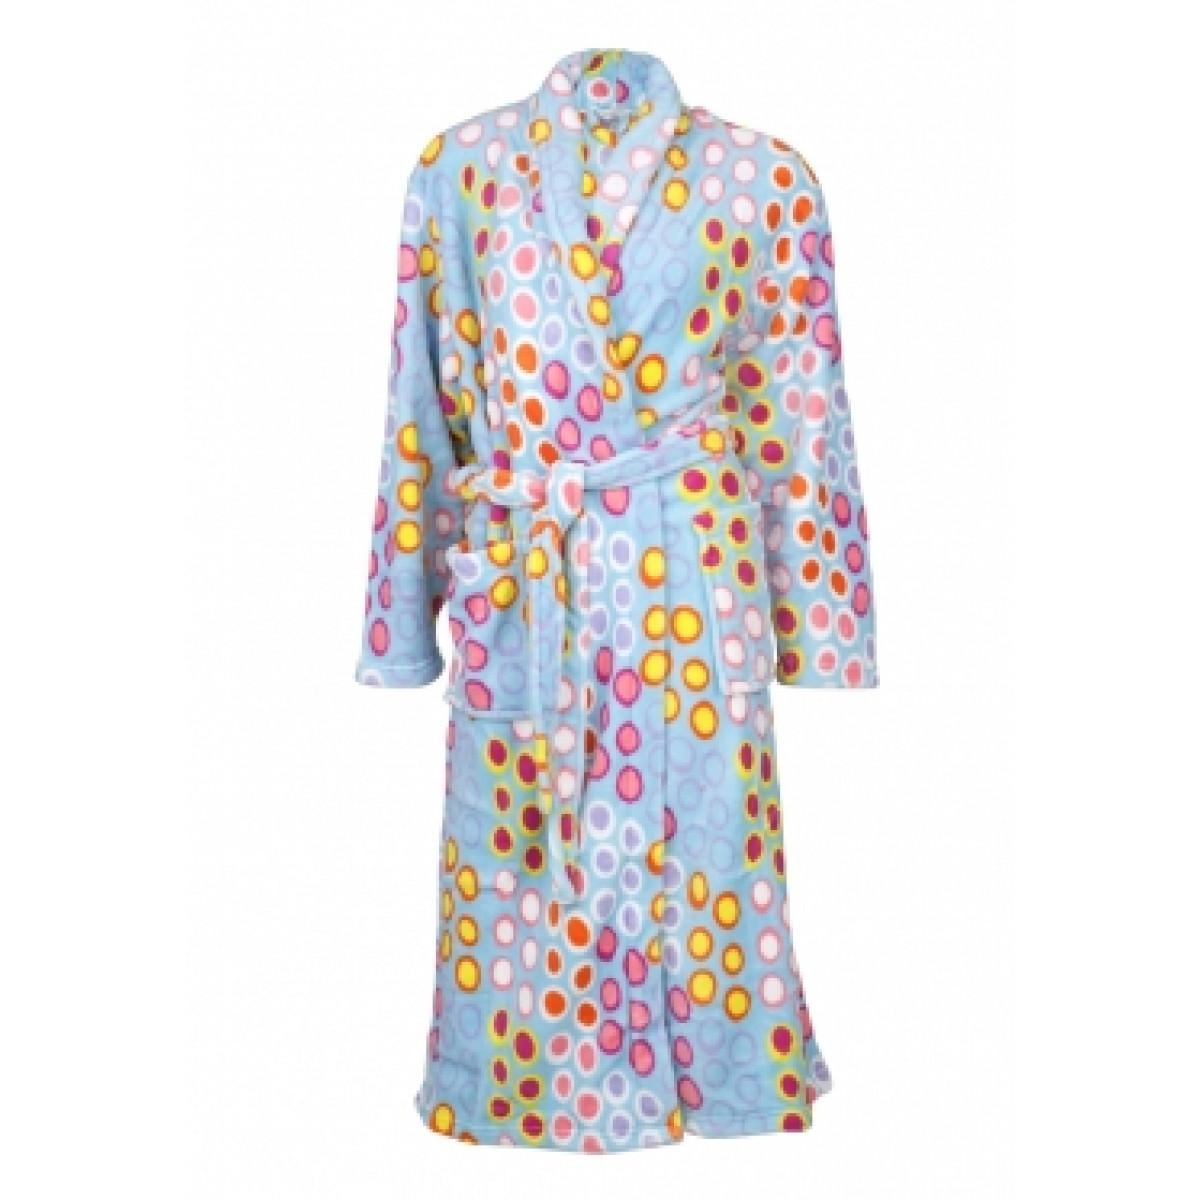 Badjas met bolletjes / blauwe badjas